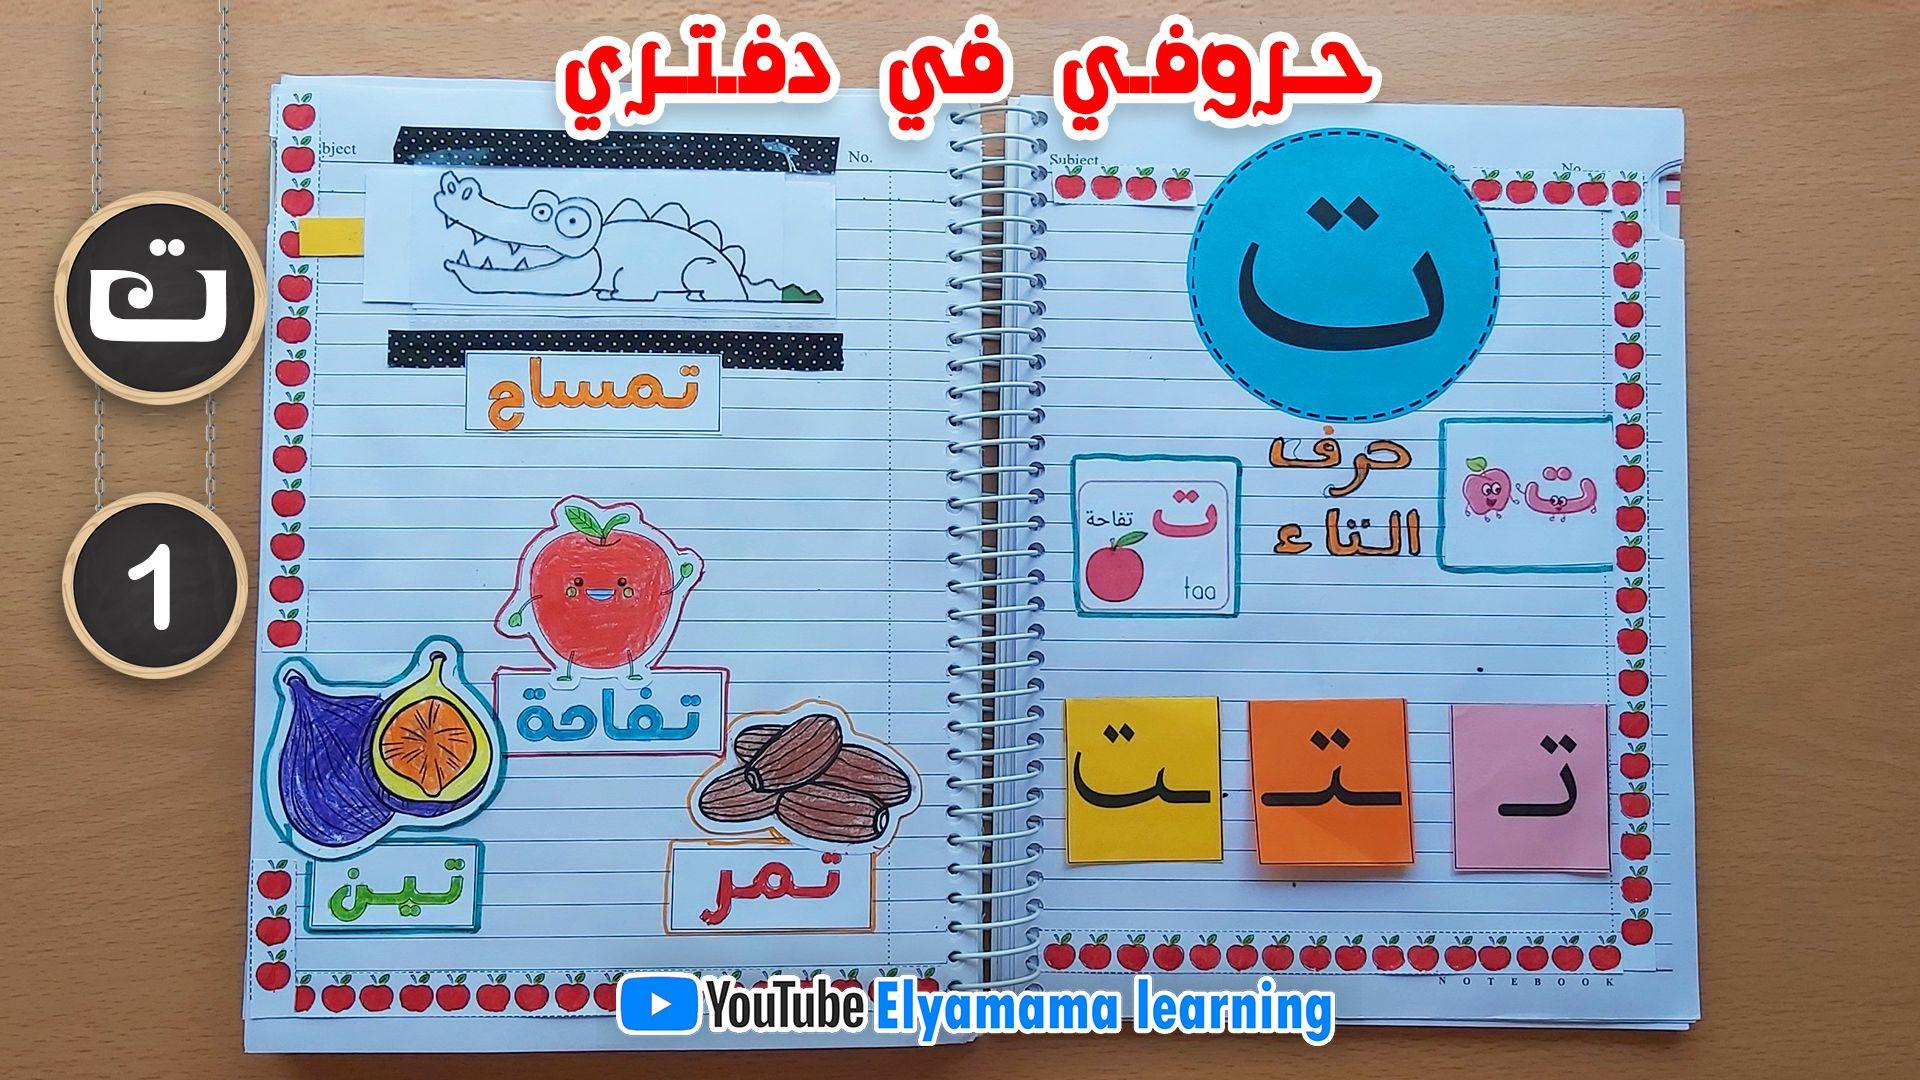 ألعاب منتسوري ألعاب منتسوري التعليمية أنشطة منتسوري أدوات منتسوري لتعليم الأطفال الحروف العربية اغنية أص Islamic Kids Activities Islam For Kids Learning Arabic